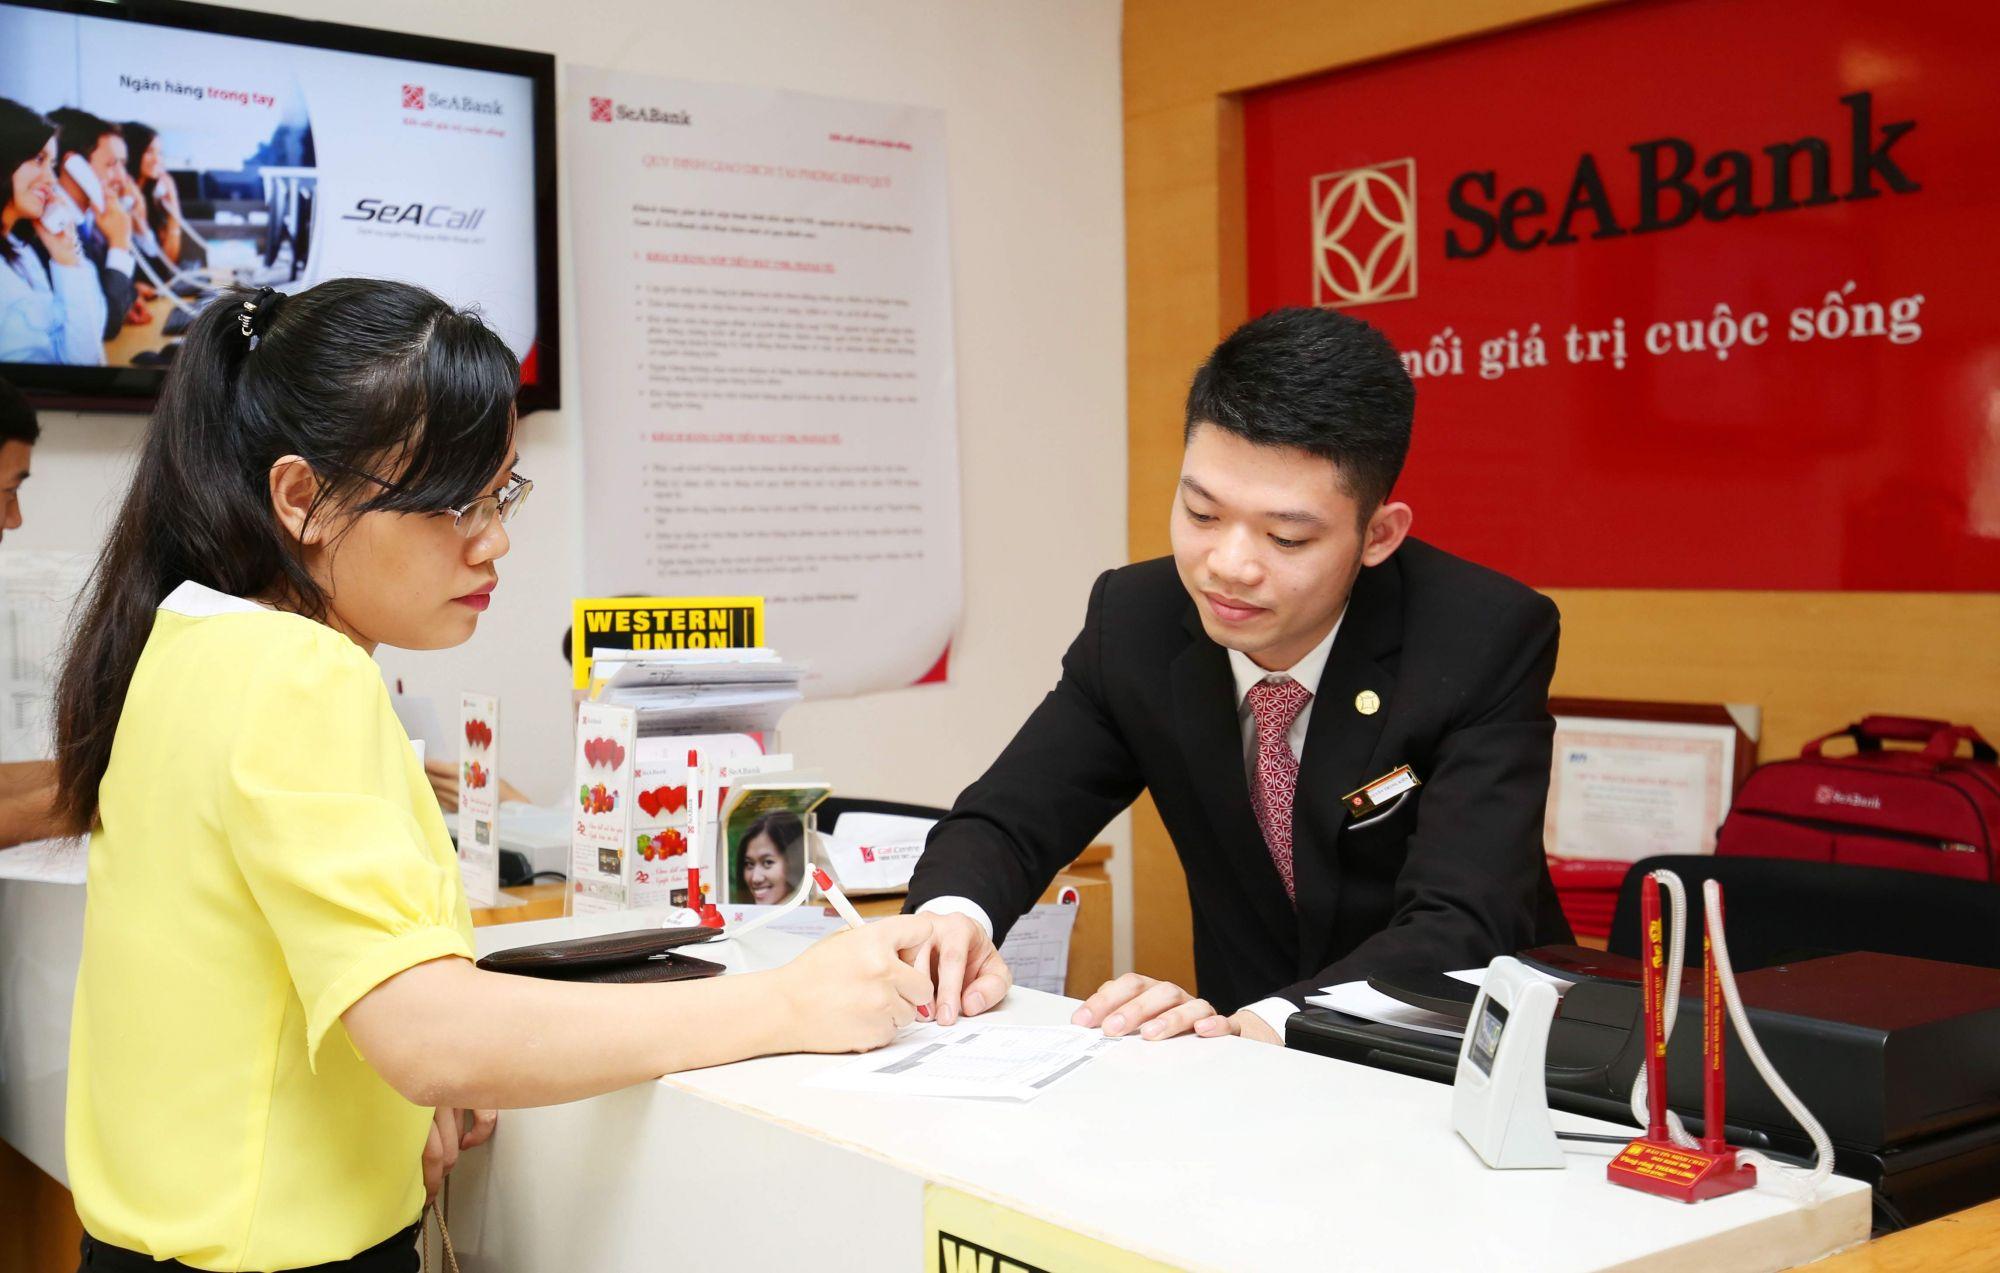 Cách chuyển tiền từ Việt Nam đi nước ngoài SeABank